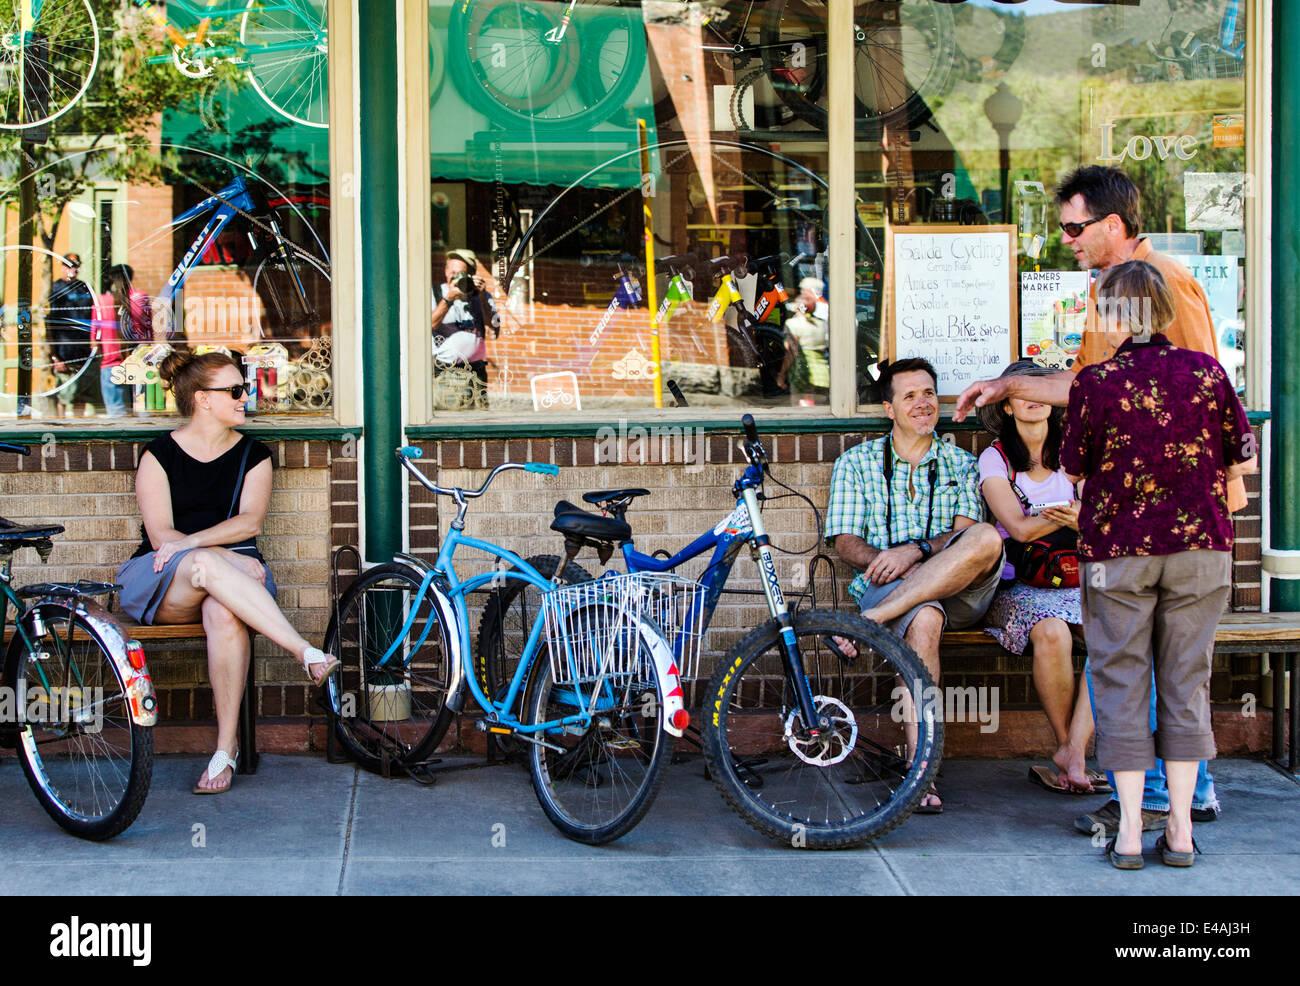 Besucher genießen Essen & Getränk im Café Strömungen während der jährlichen Kleinstadt Stockbild